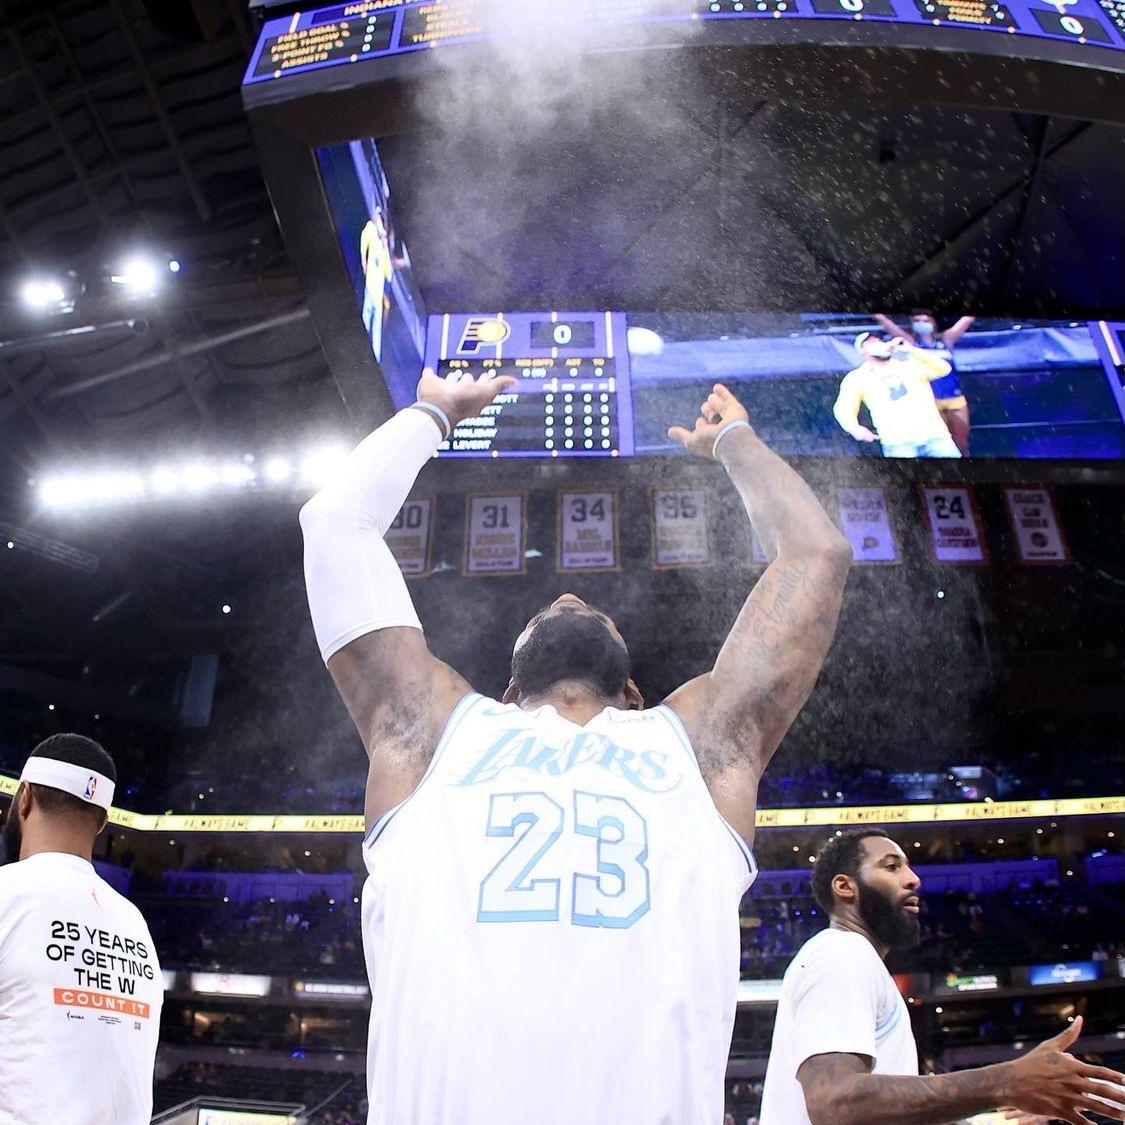 詹姆斯:言论被断章取义了,自从进入NBA起我就变成了99.9%